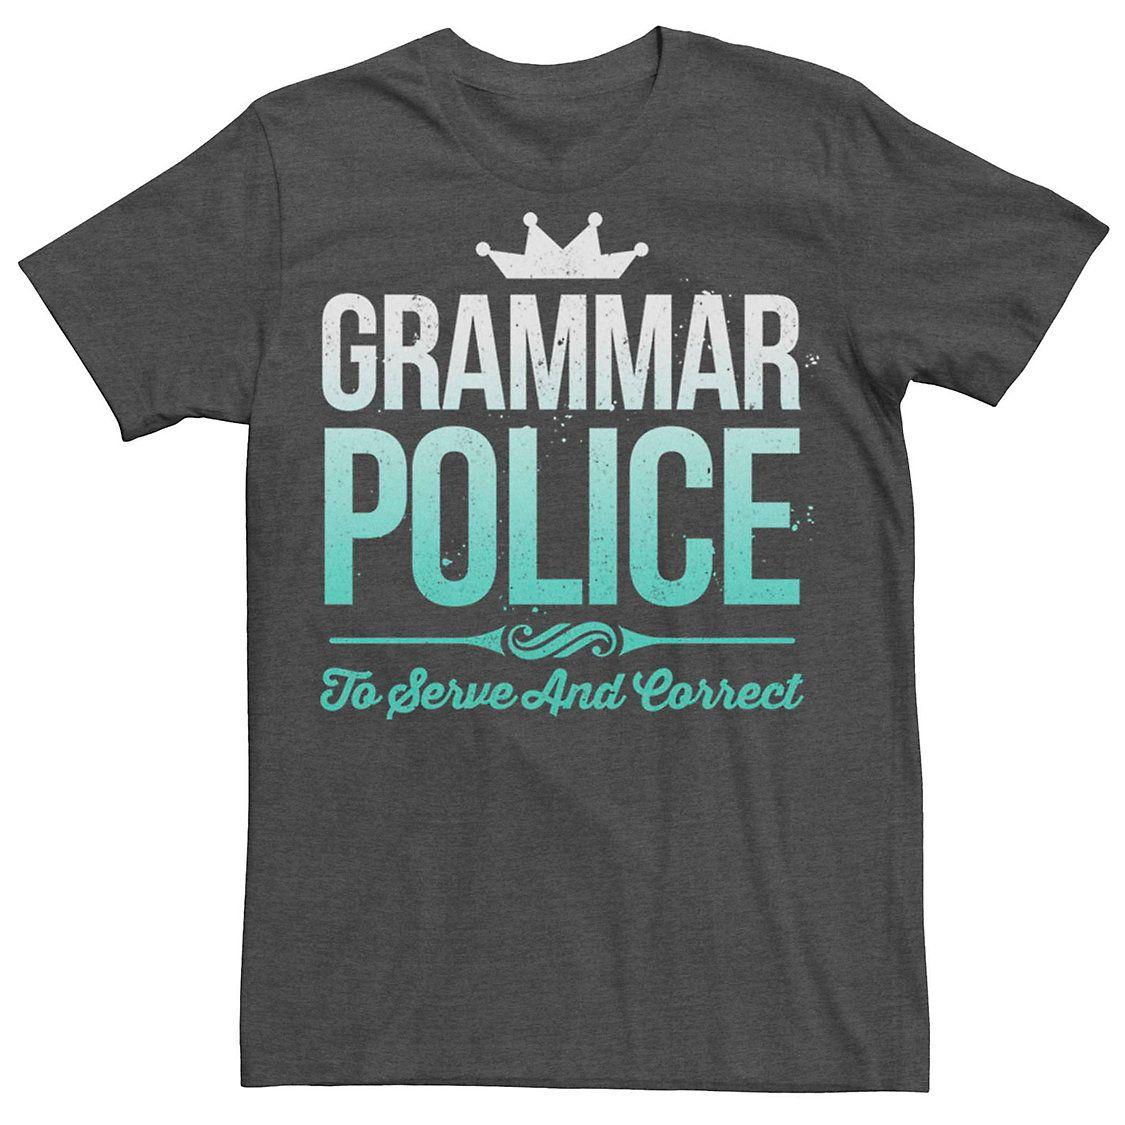 Men's Grammar Police Humor Graphic Tee